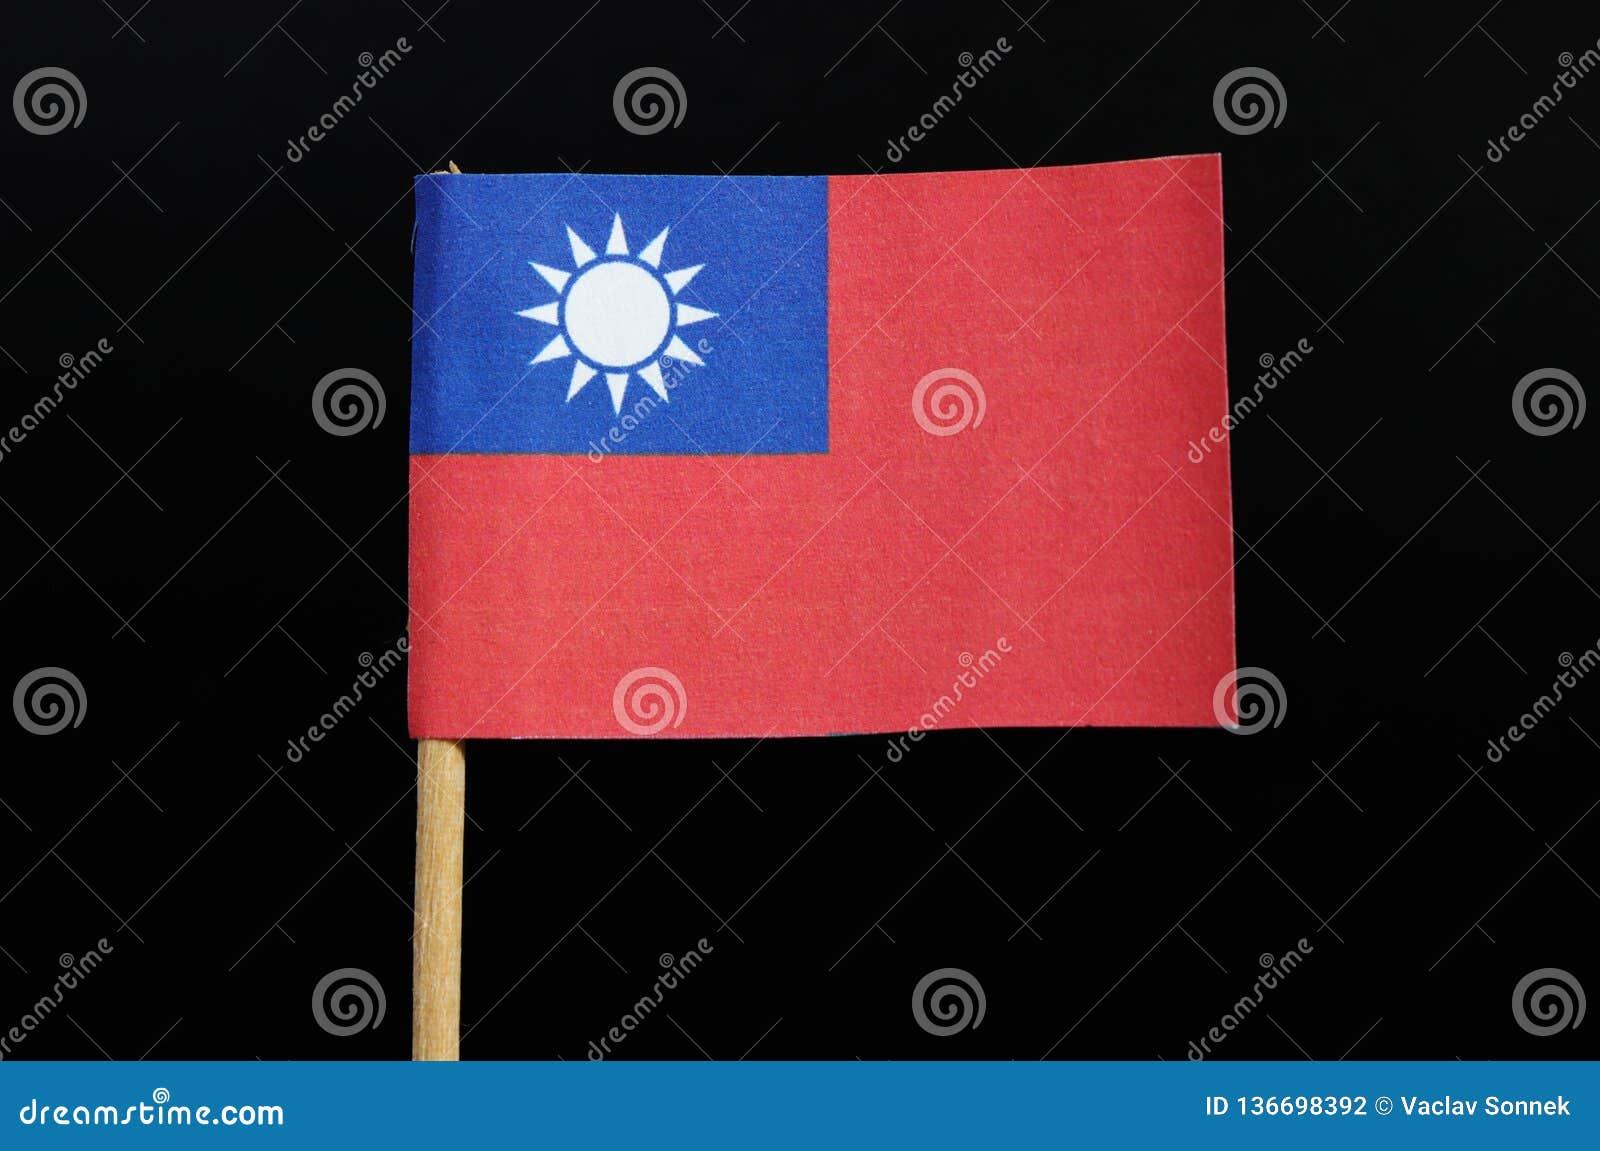 En nationsflagga av Taiwan på tandpetare på svart bakgrund Ett rött fält med en marinblå kanton uthärda en vit sol med 12